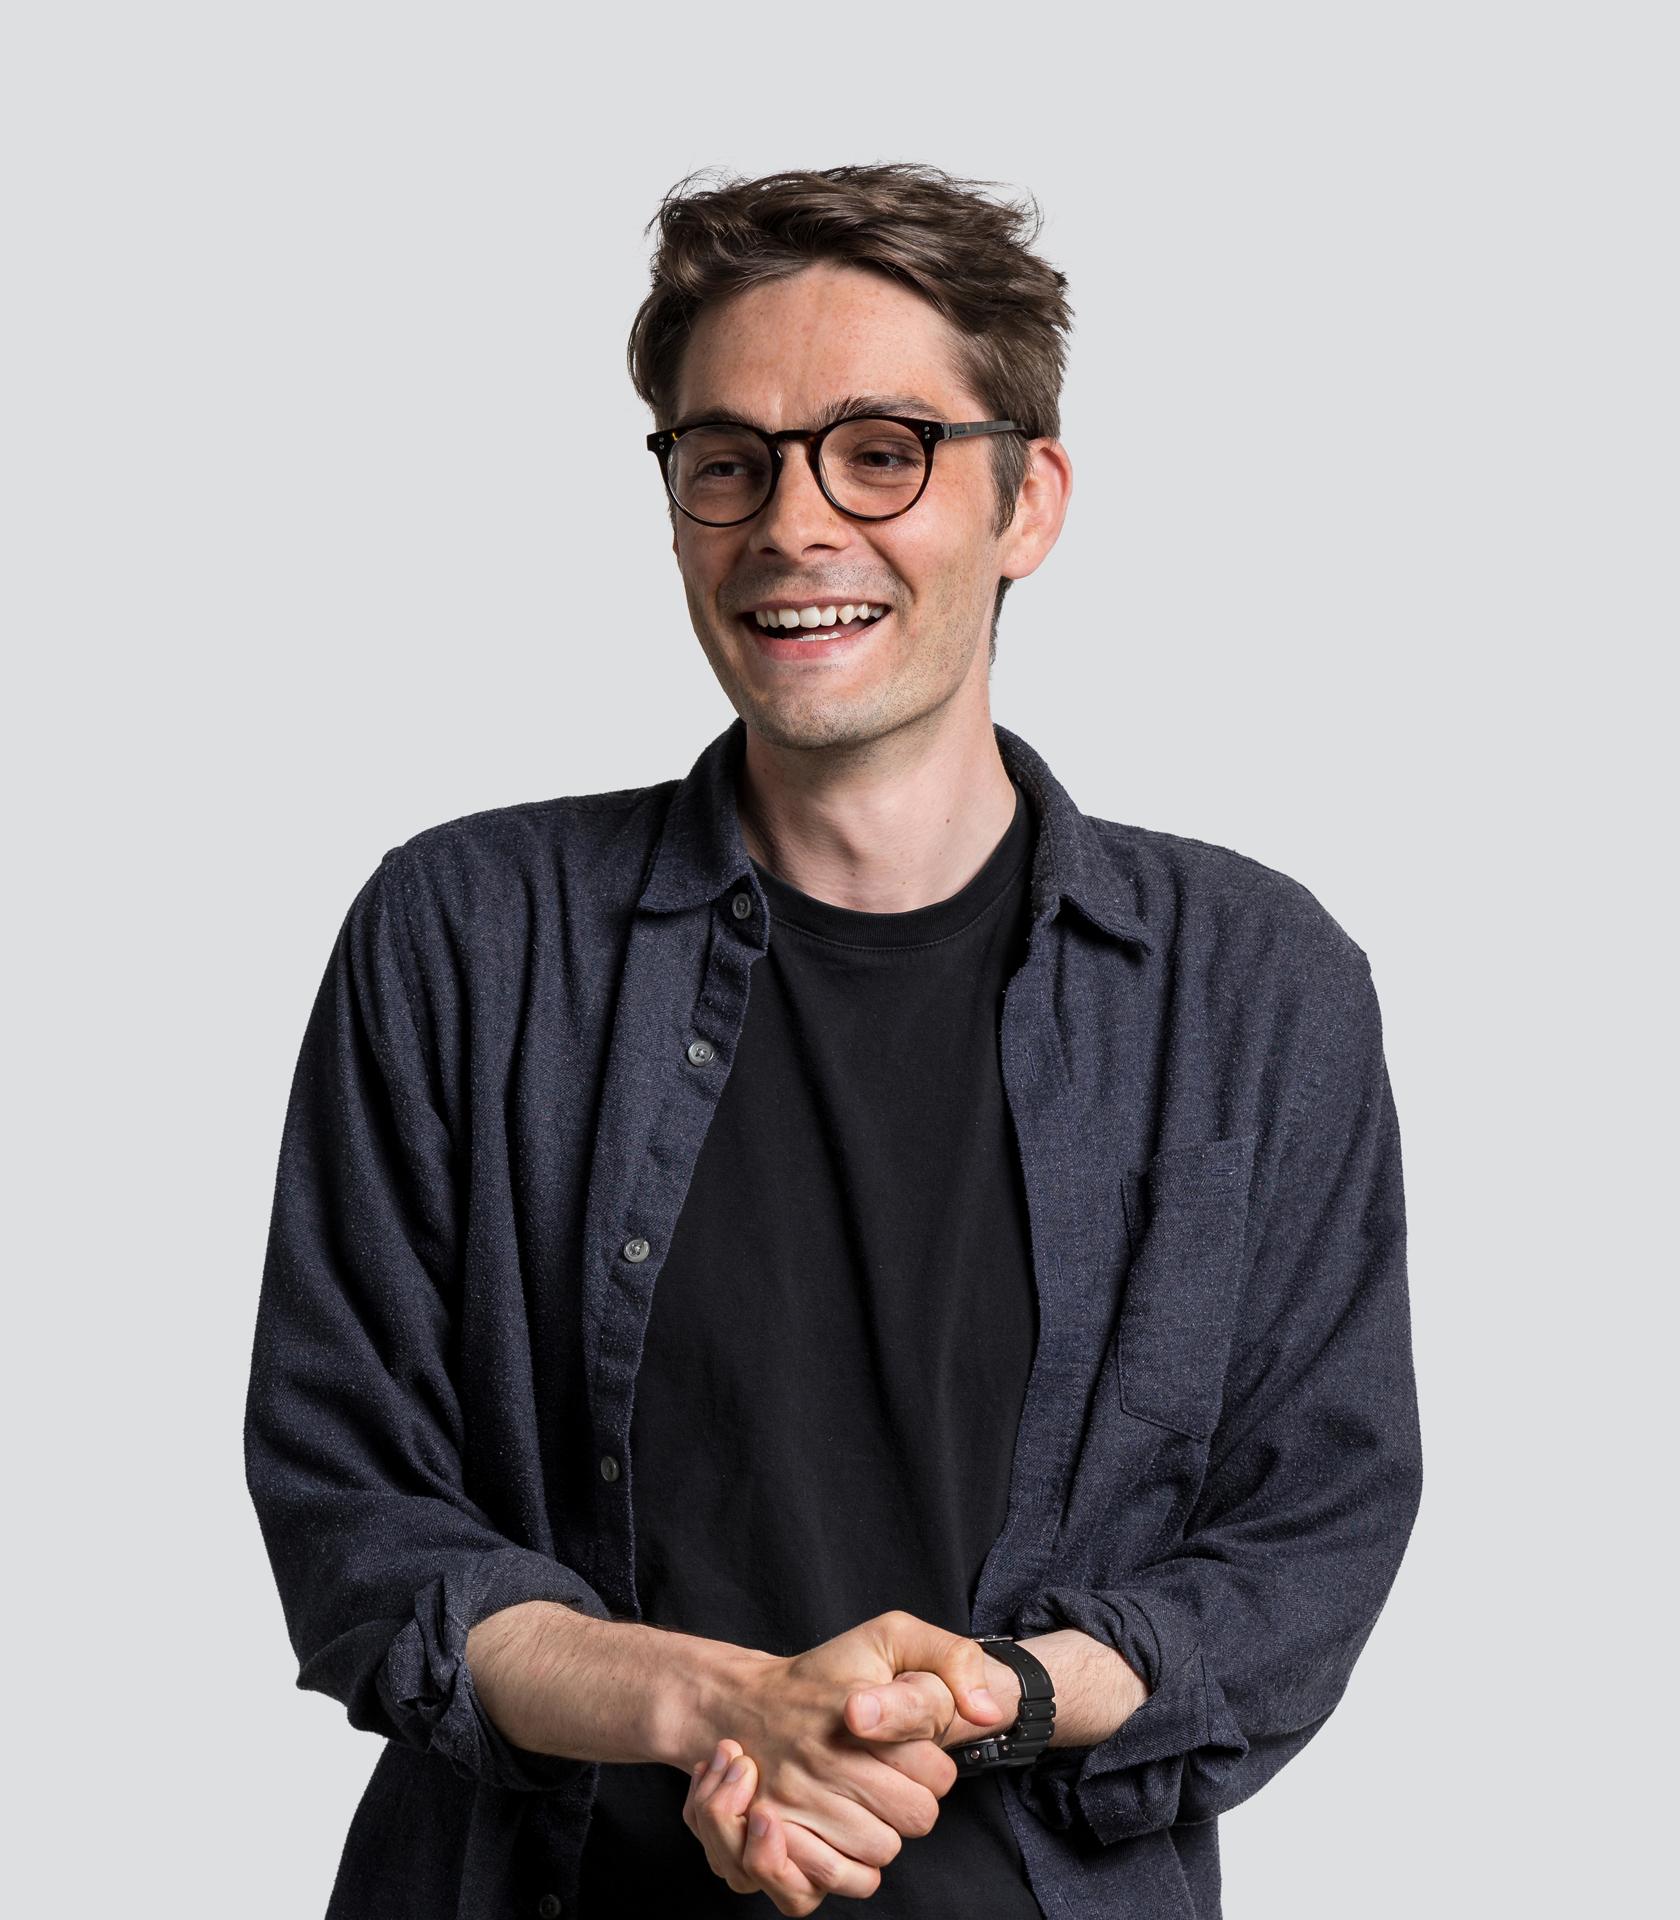 Adam Chapman